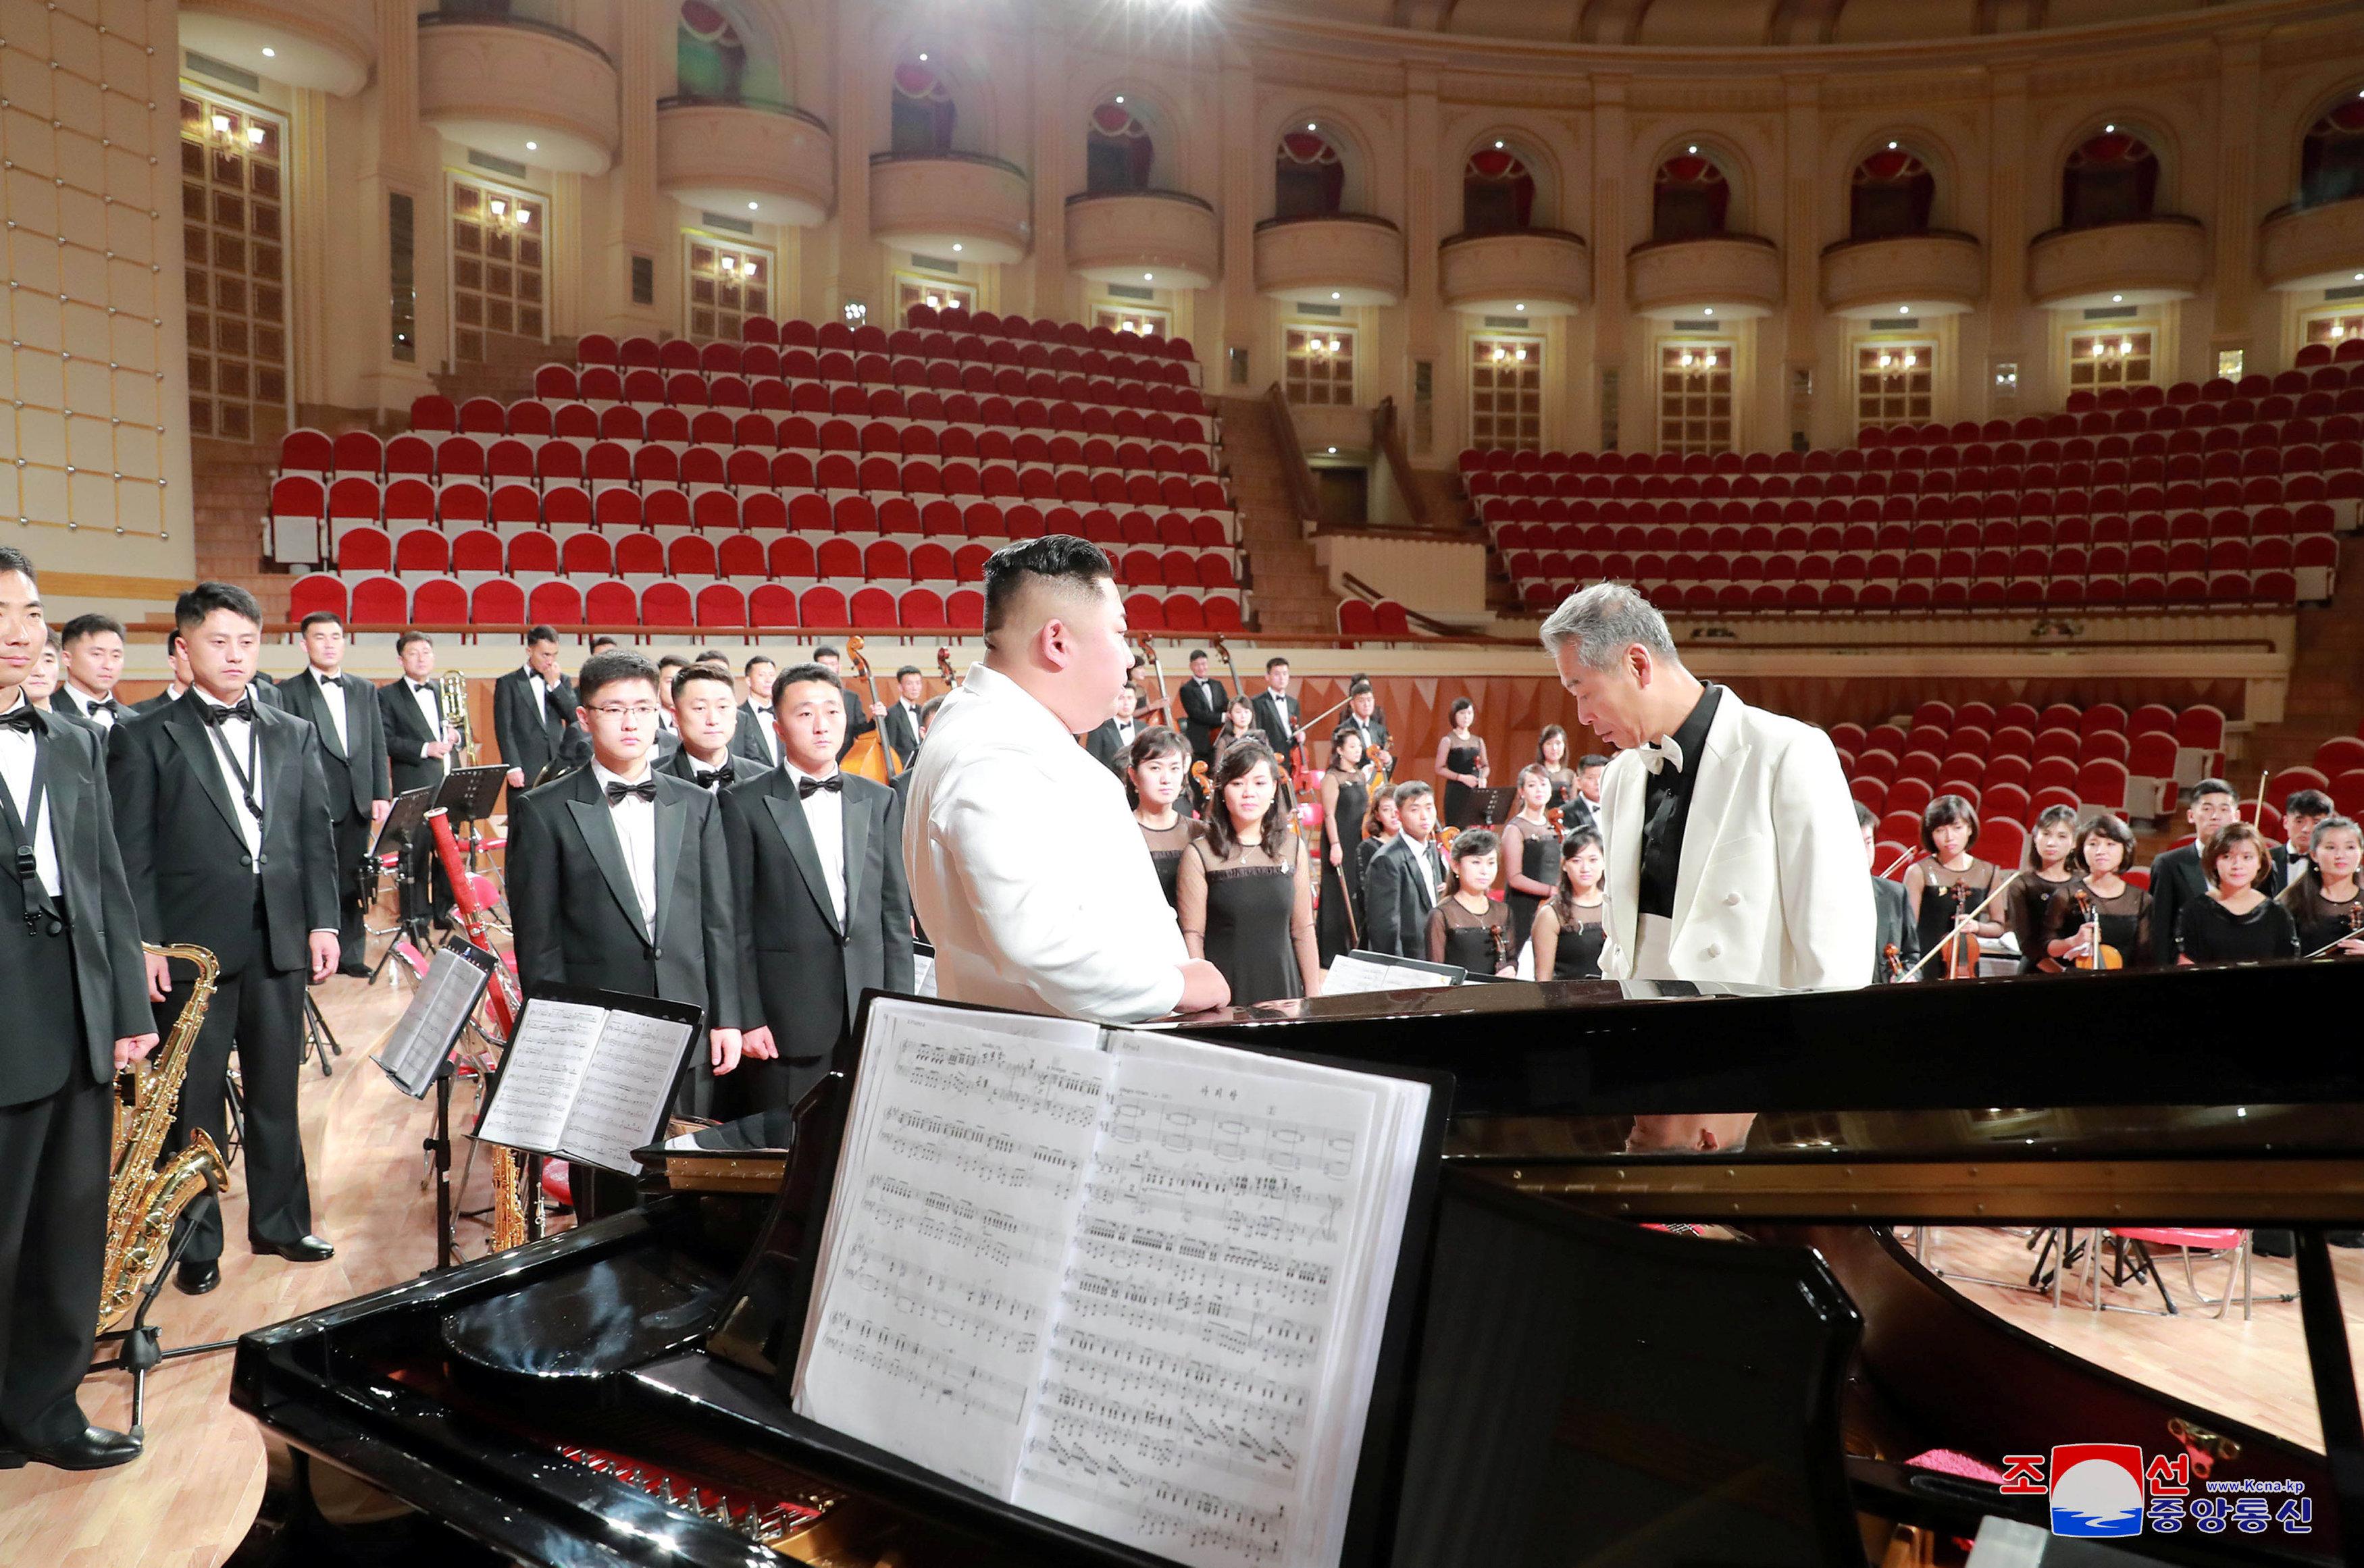 كيم فى حديث مع قائد الأوركسترا فى مسرح بيونج يانج